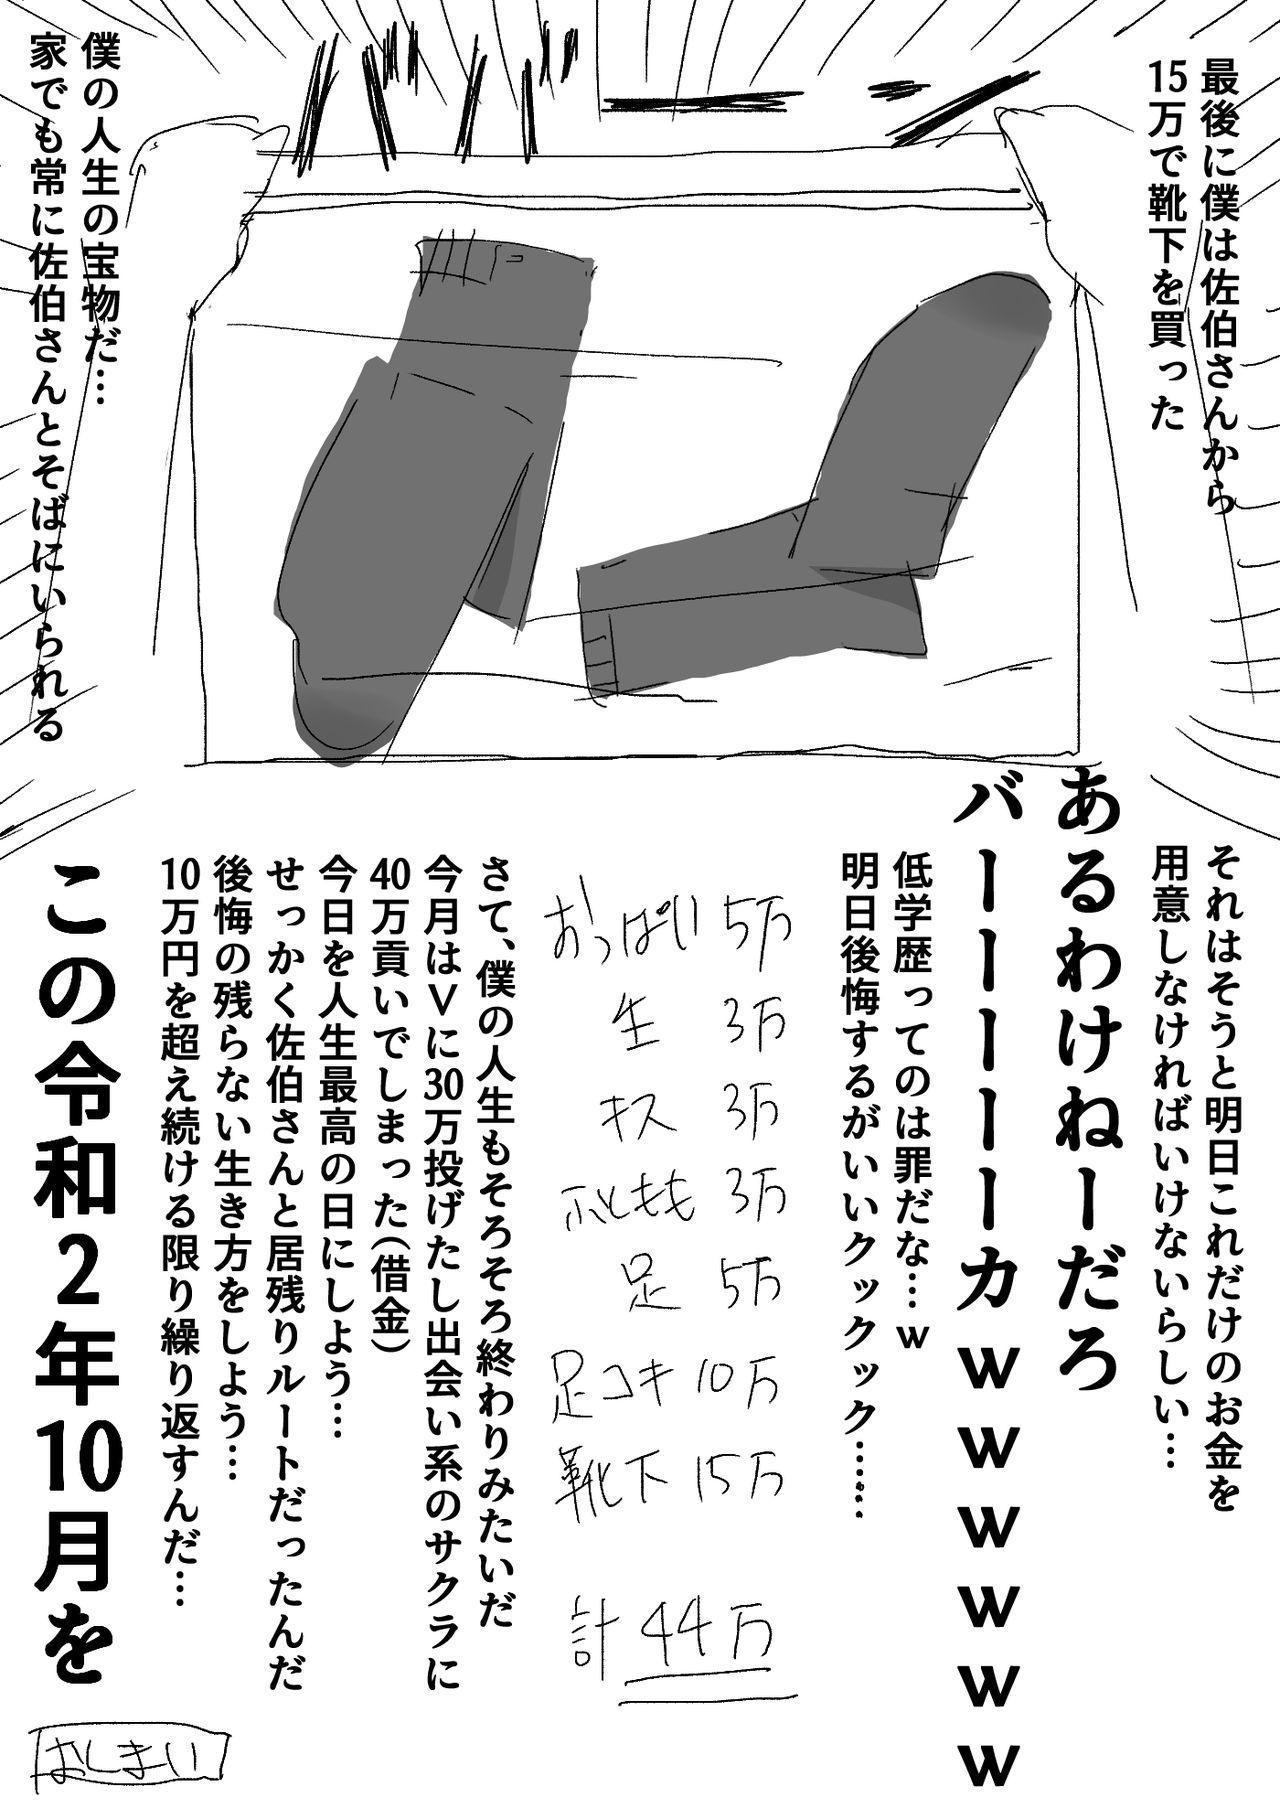 Saeki-san kansatsu nikki 11